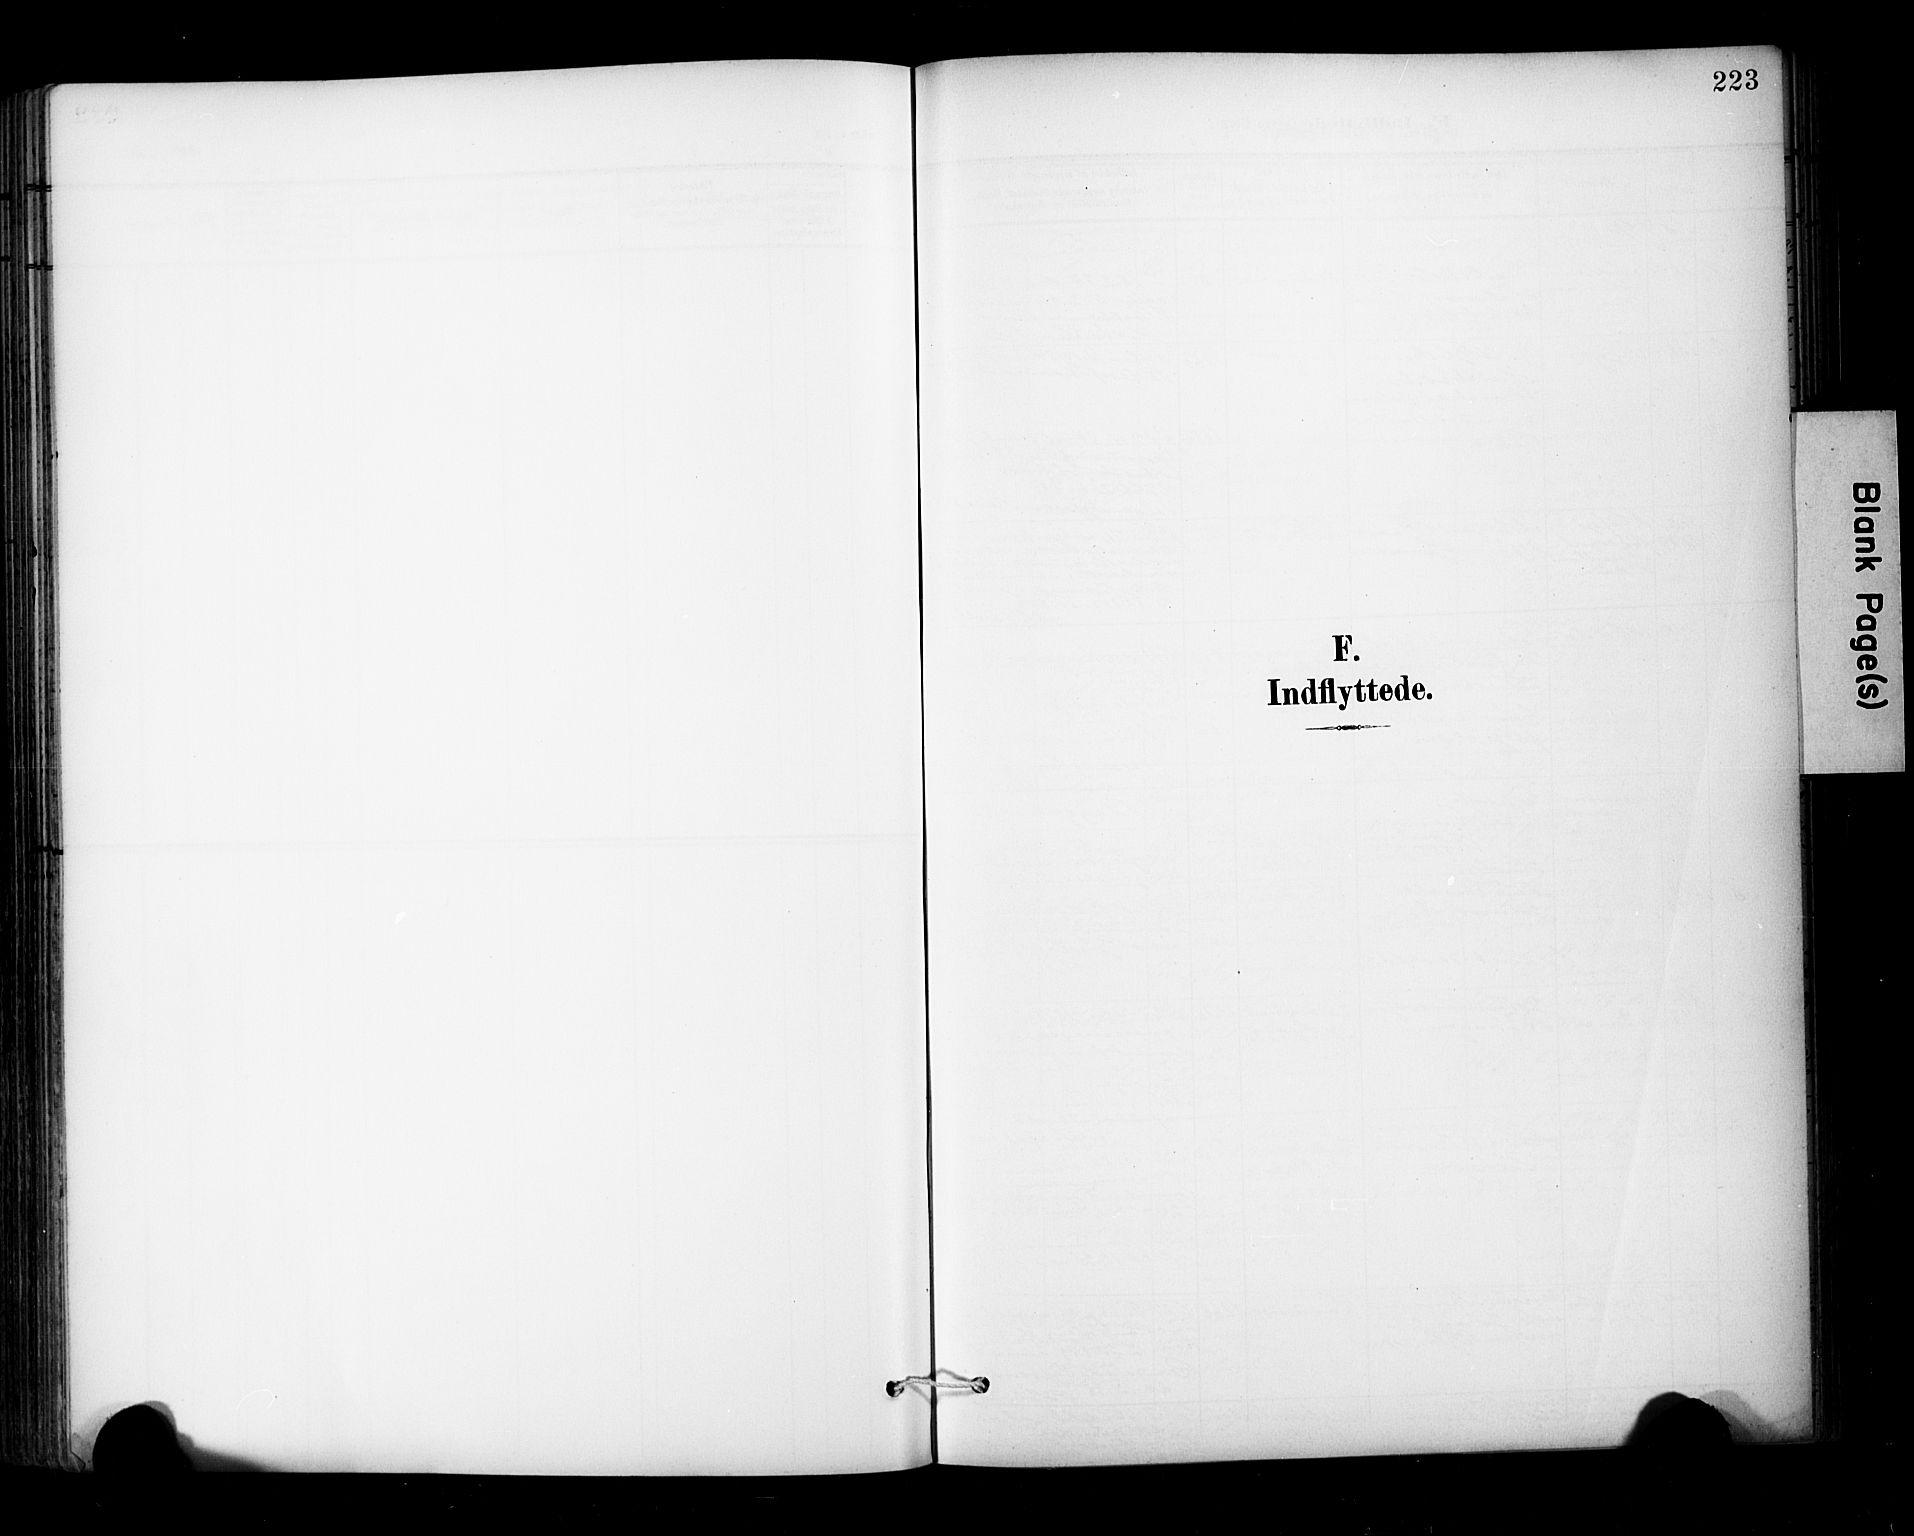 SAT, Ministerialprotokoller, klokkerbøker og fødselsregistre - Sør-Trøndelag, 681/L0936: Ministerialbok nr. 681A14, 1899-1908, s. 223